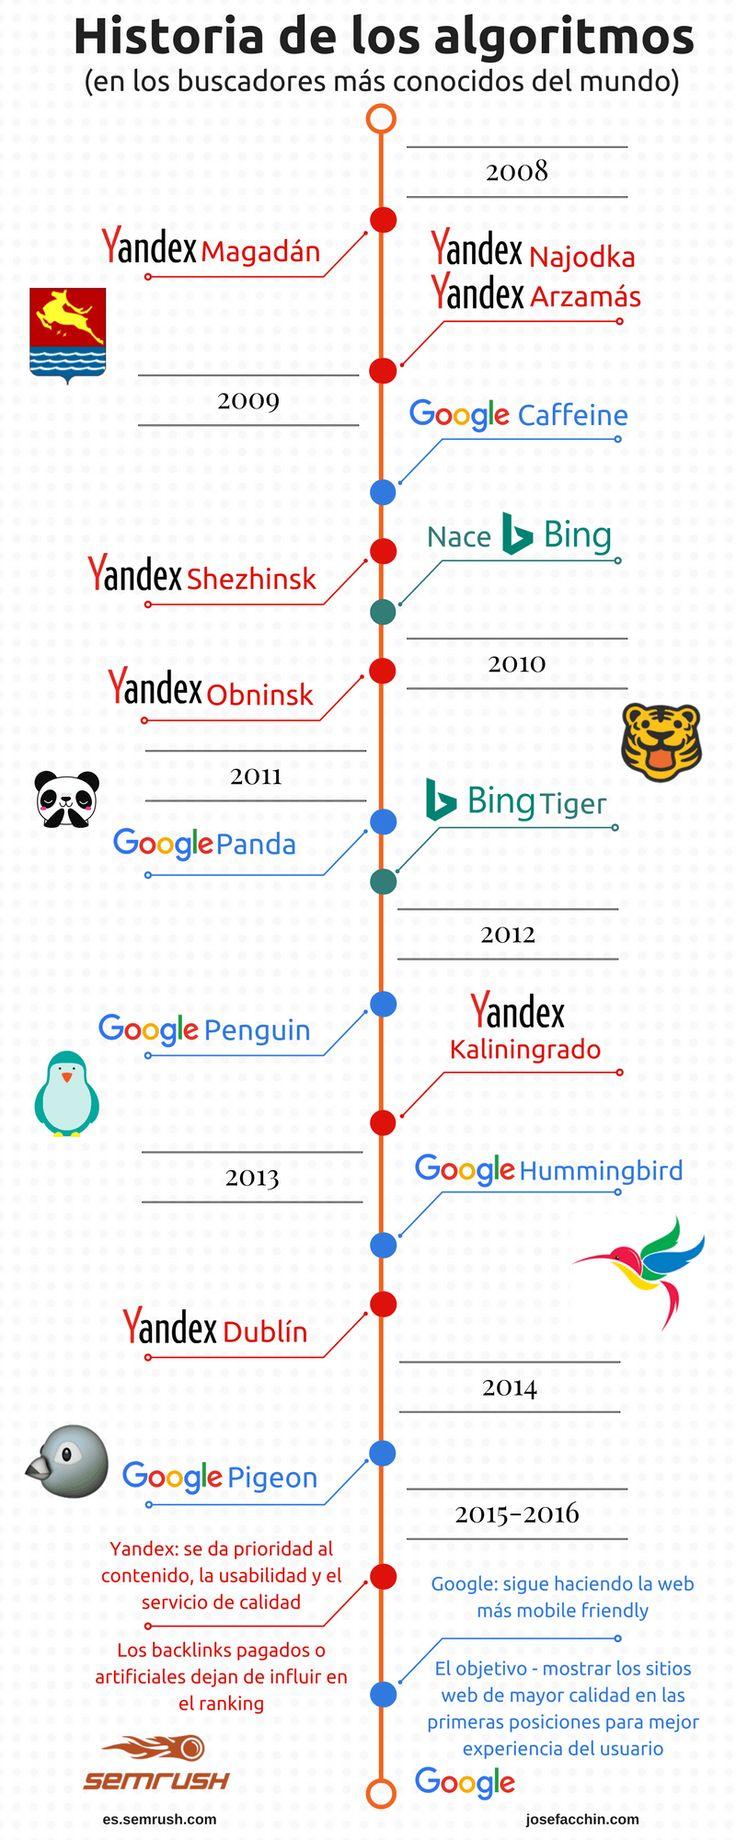 ¿Qué es un algoritmo de búsqueda en Internet y cómo funciona?